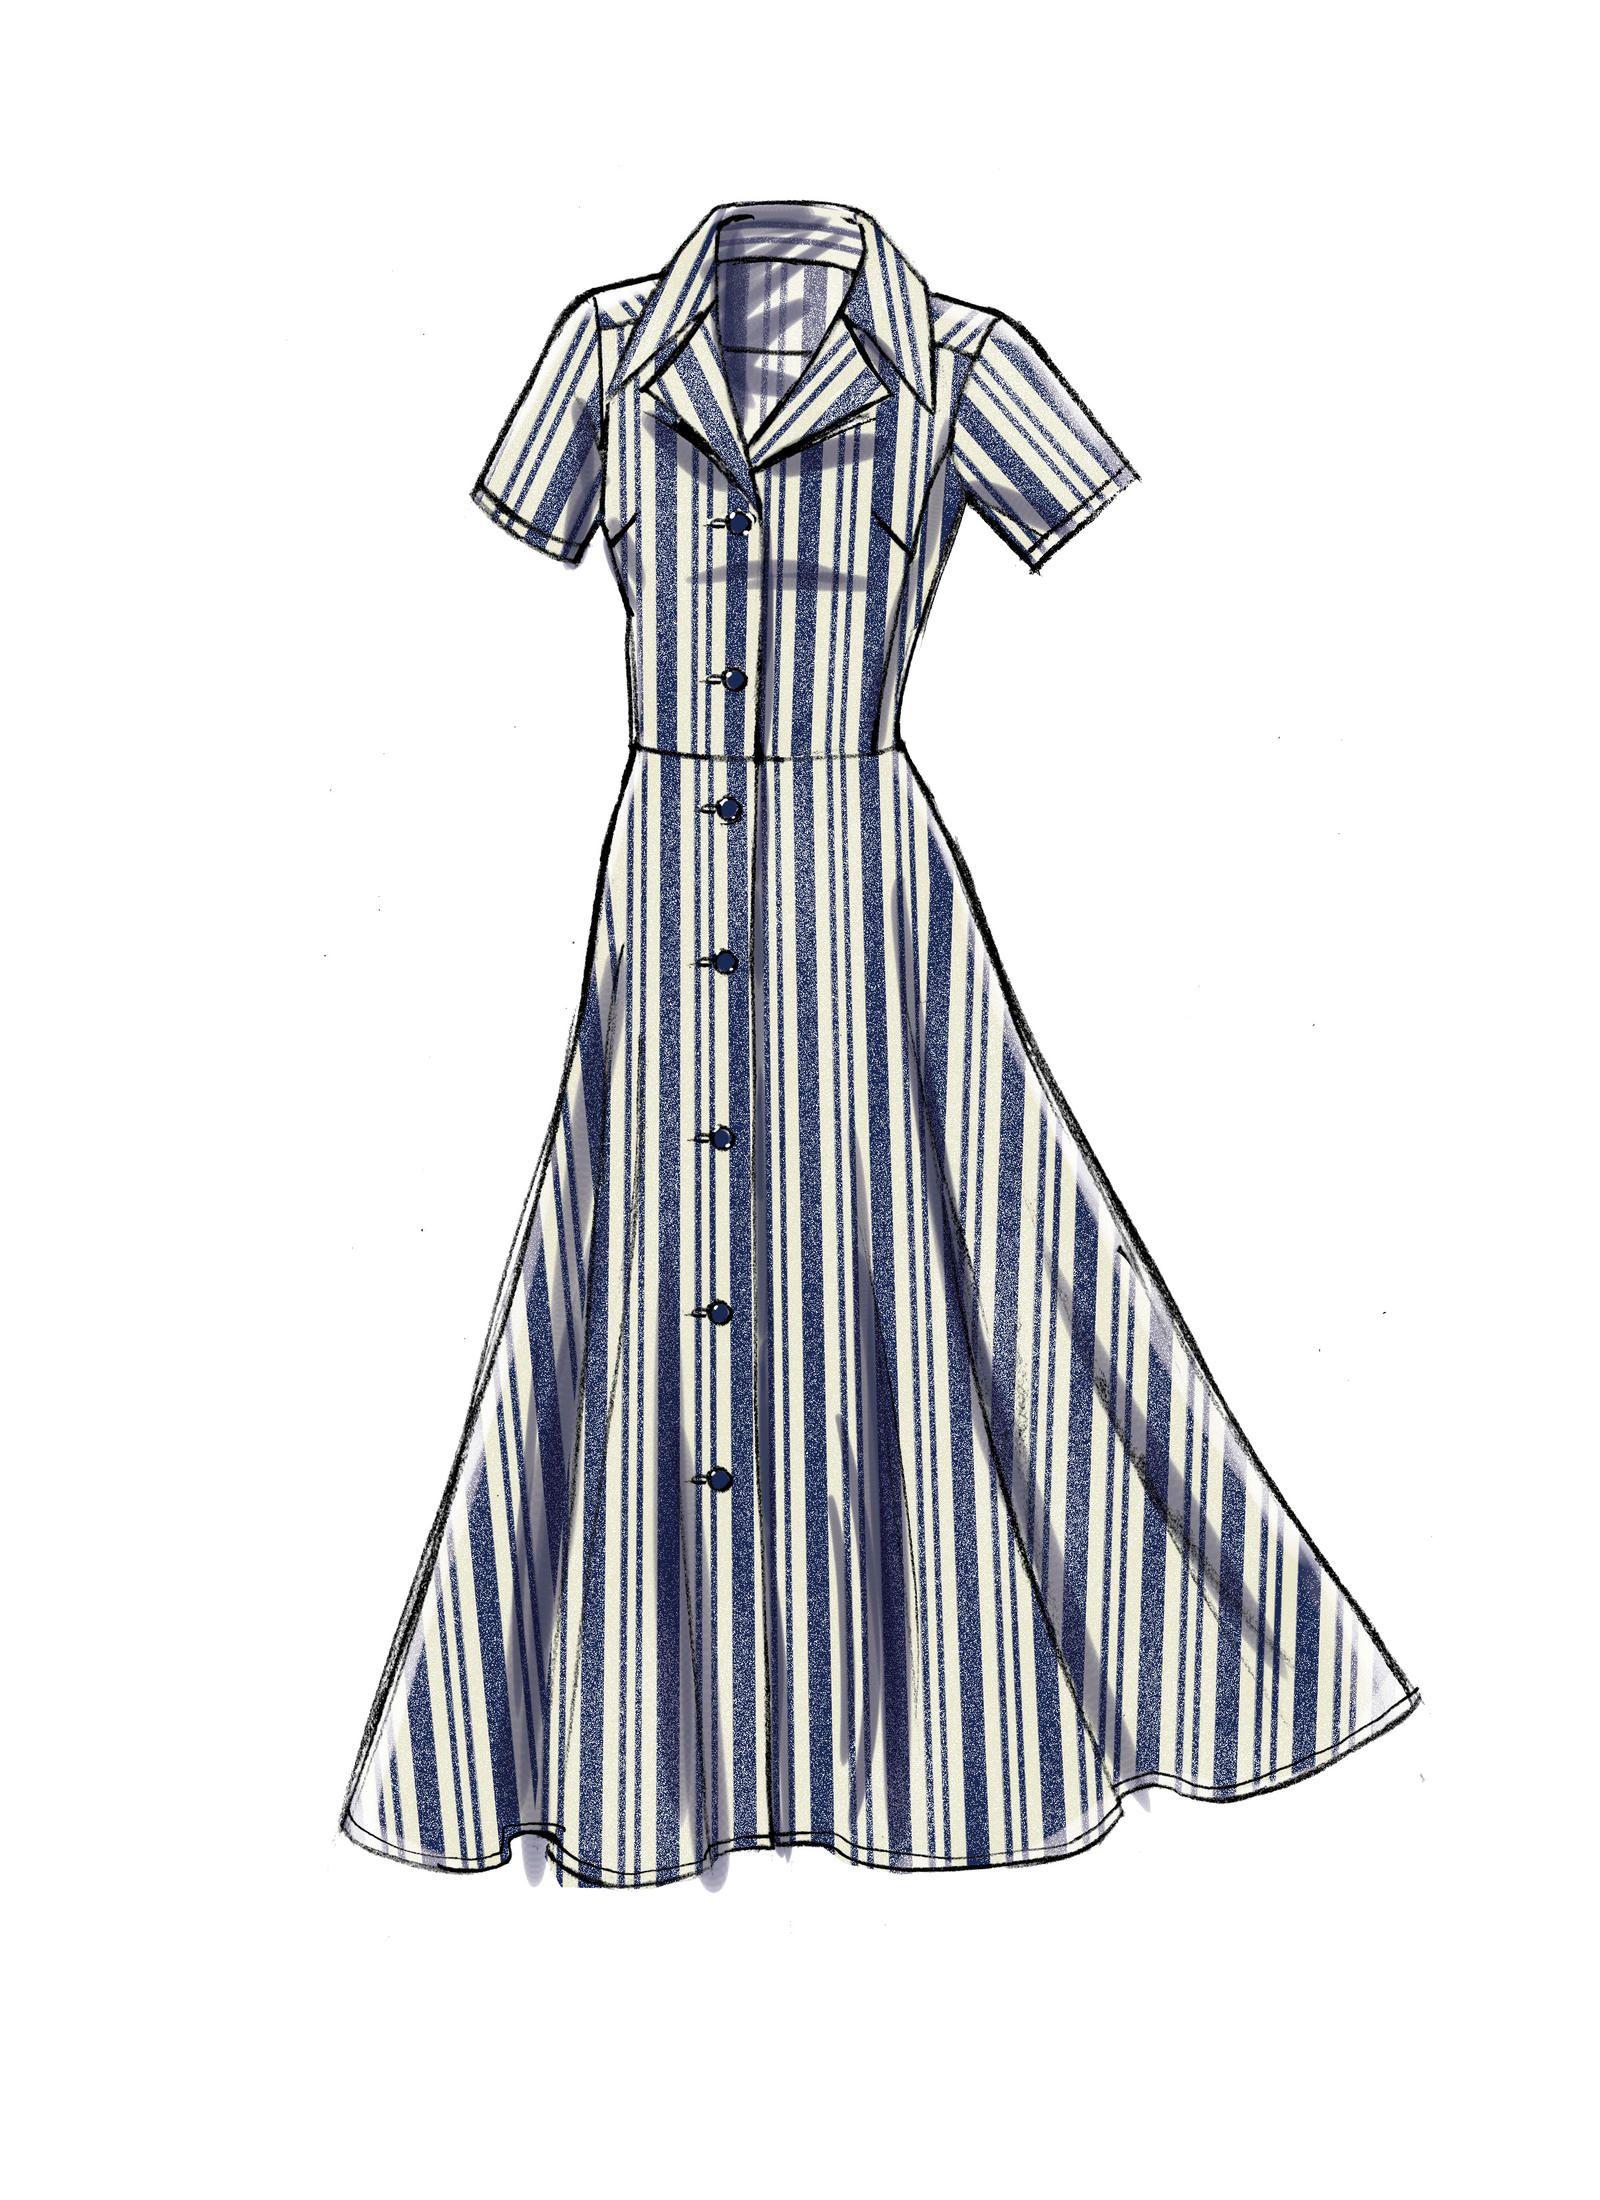 V9345 Fashion Design Clothes Dress Design Sketches Shirt Dress